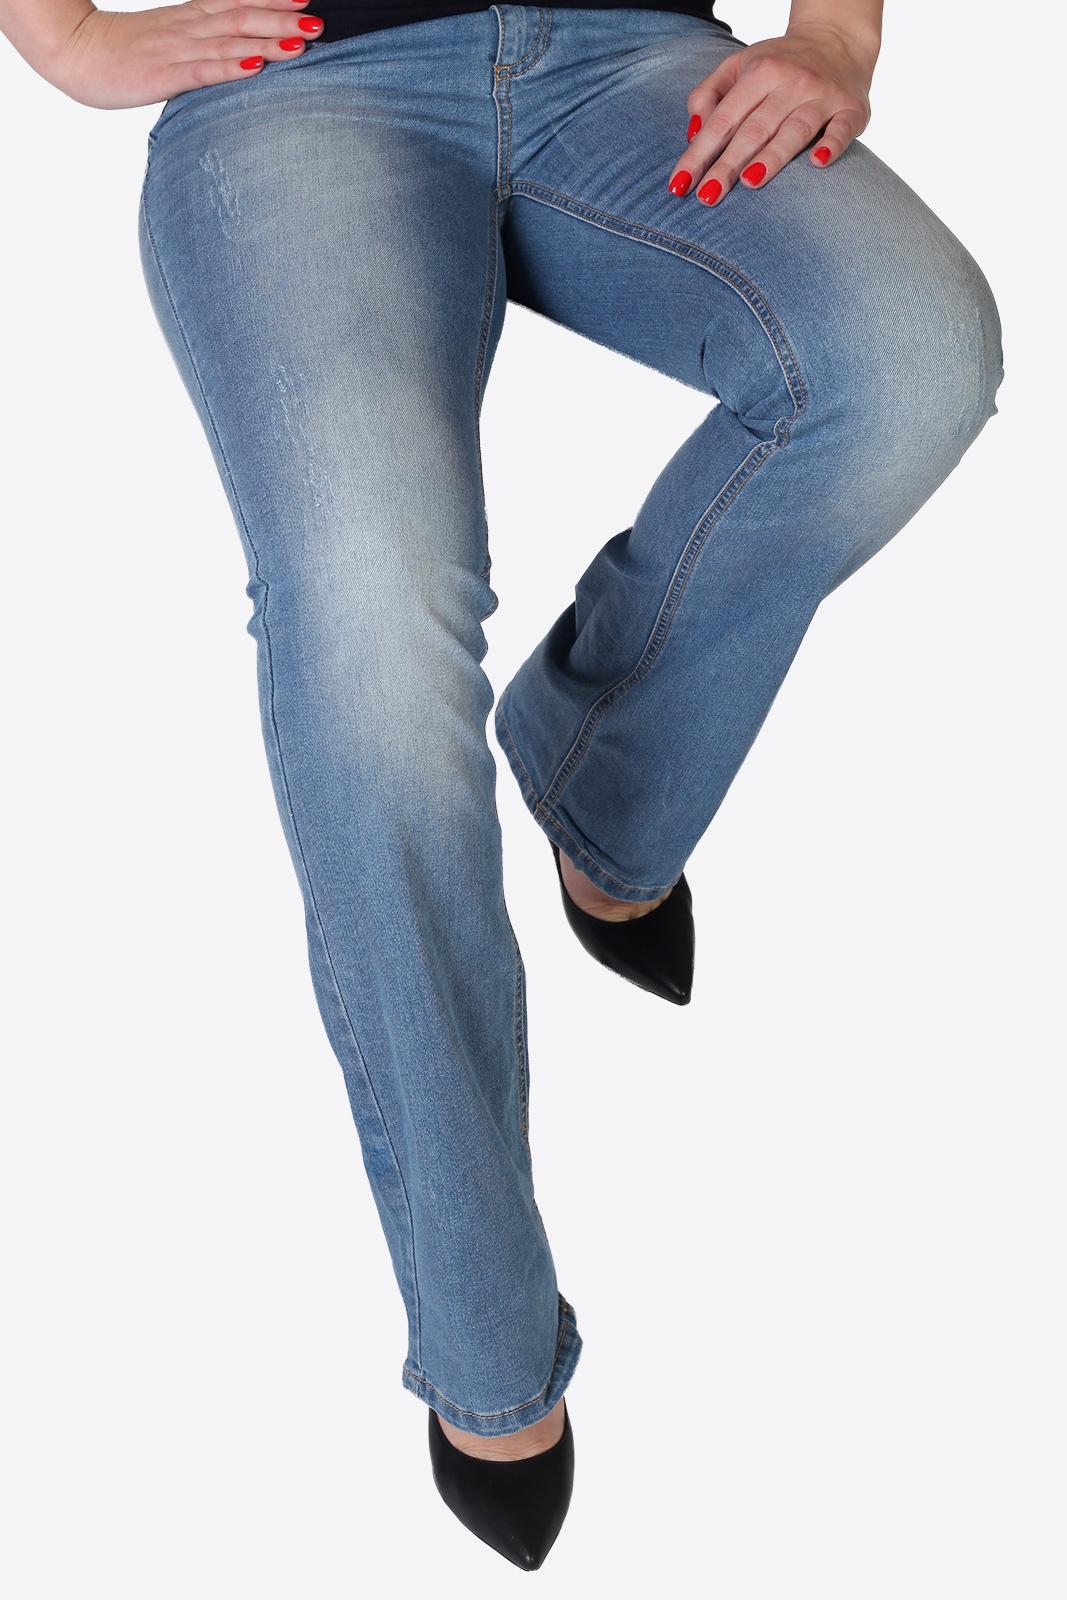 Франция! Фирменные женские джинсы Lpb.